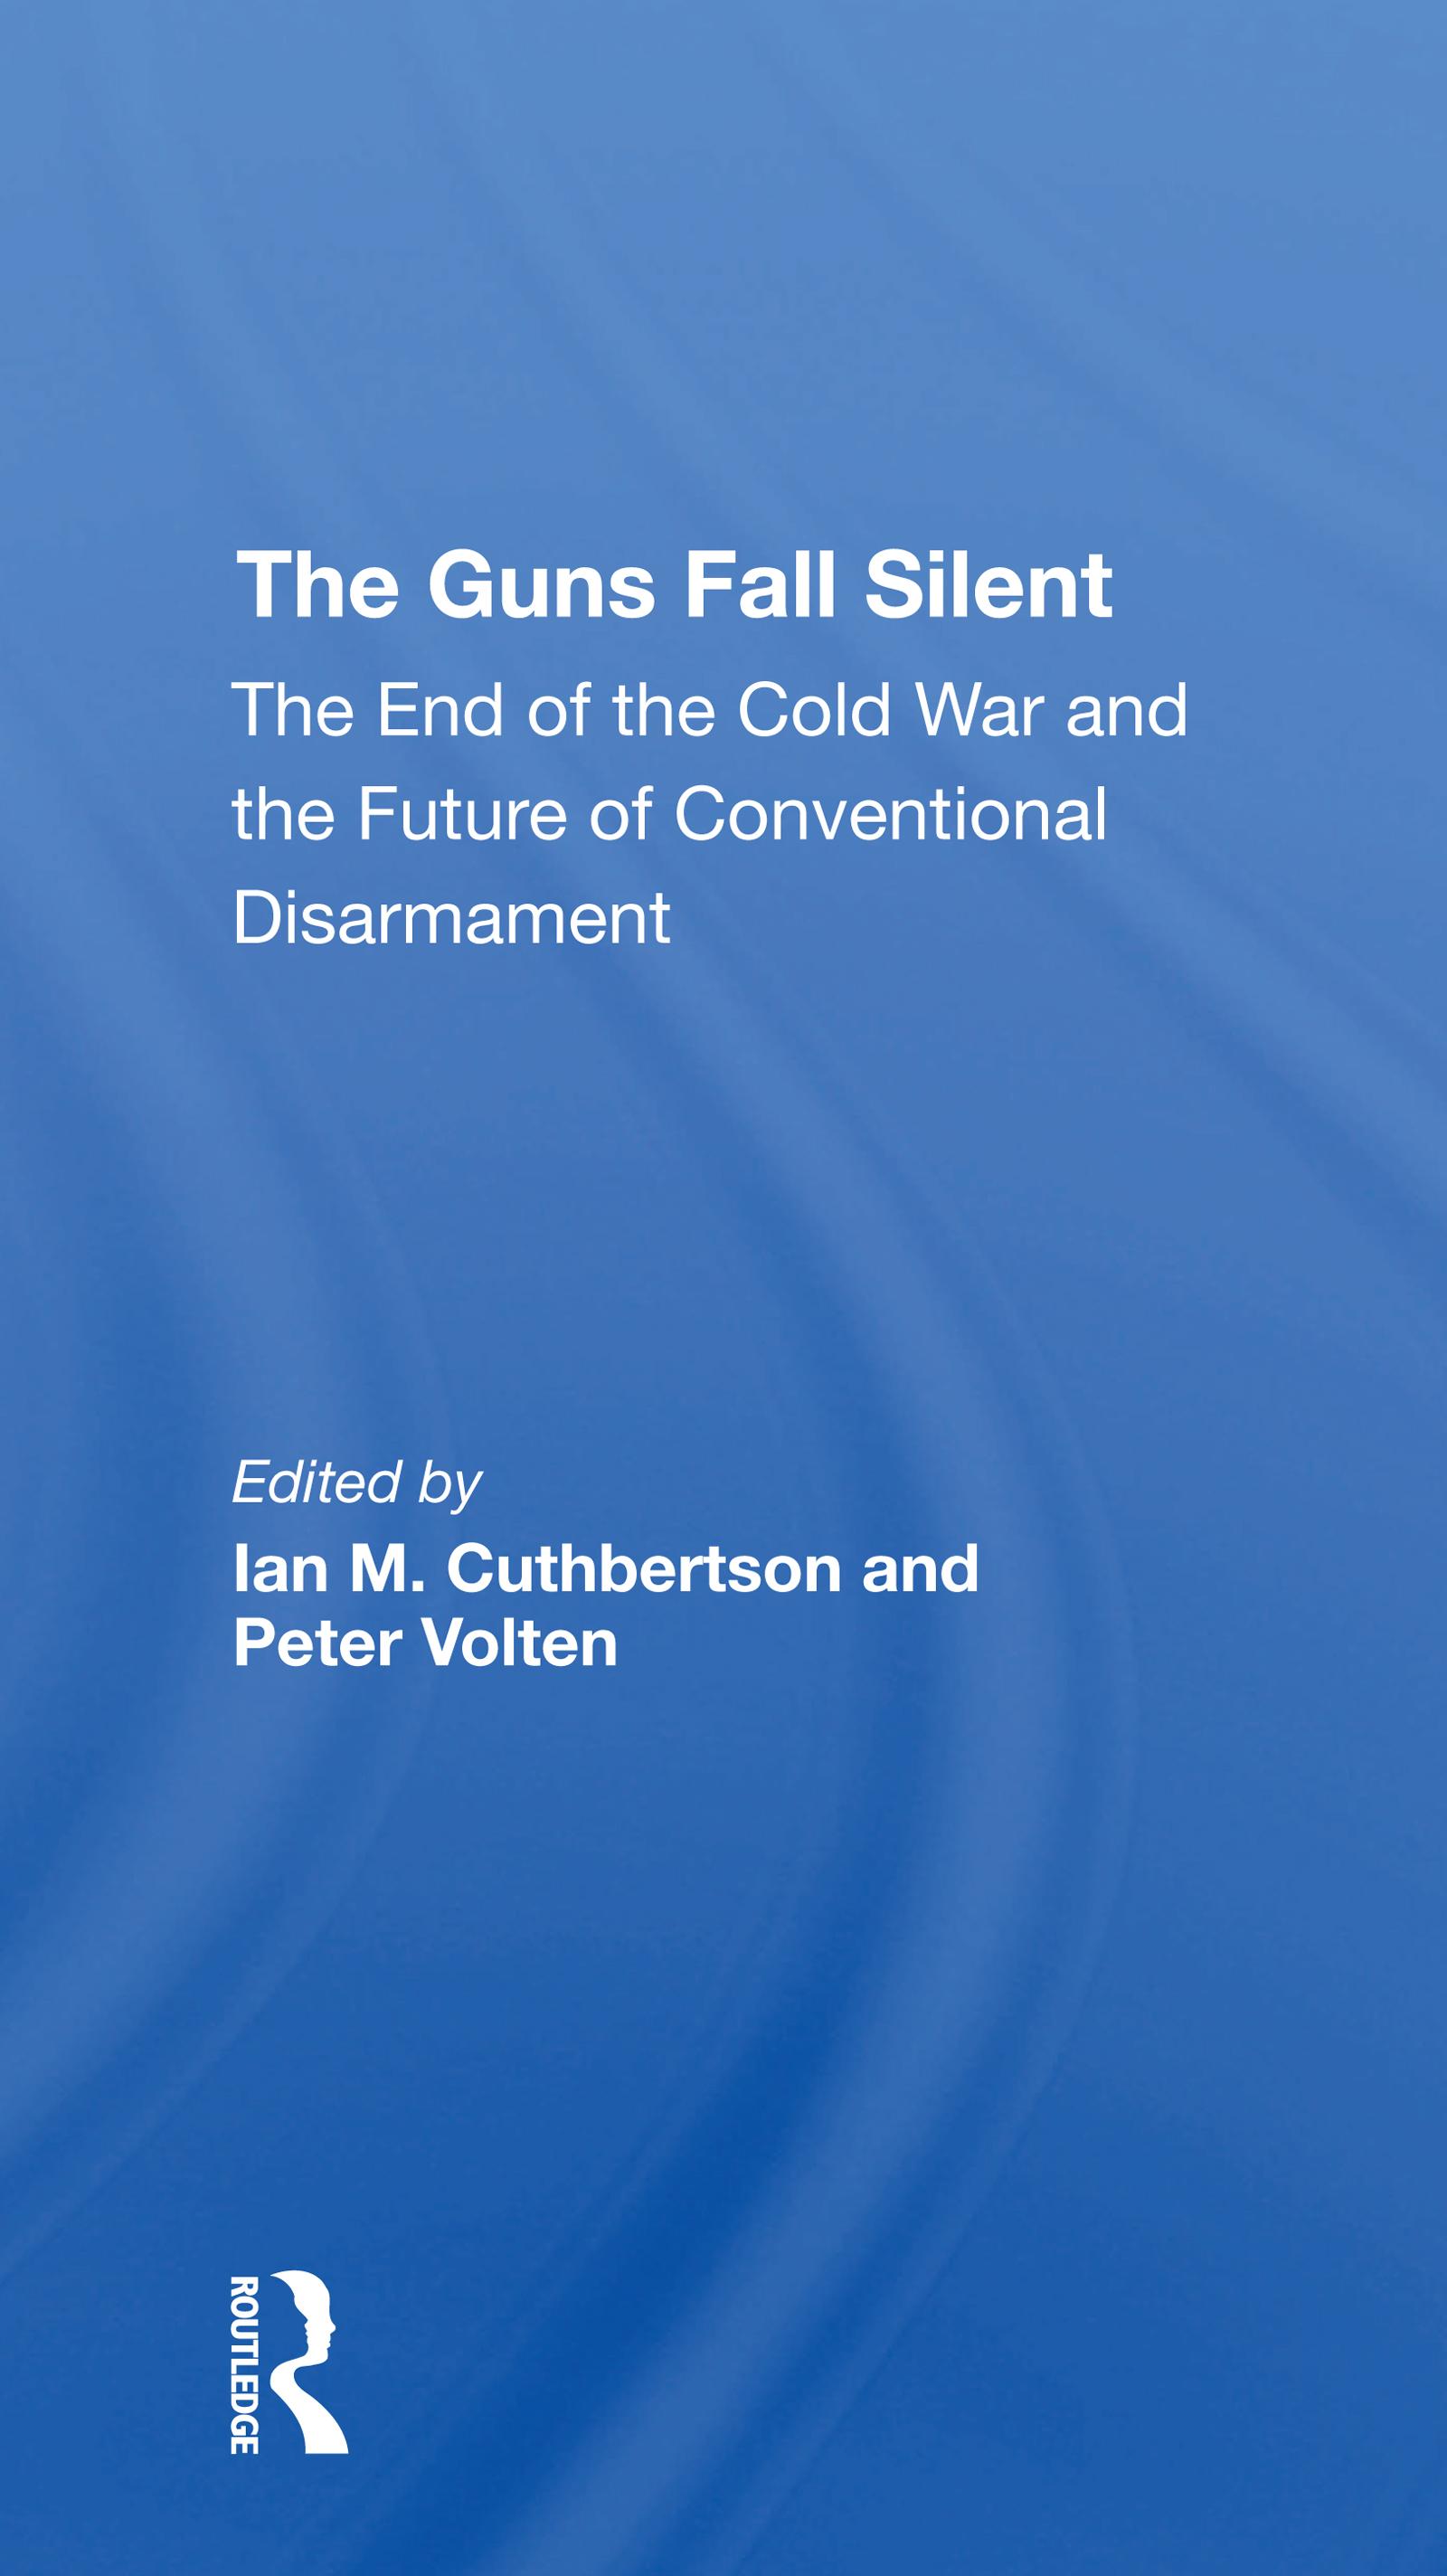 The Guns Fall Silent